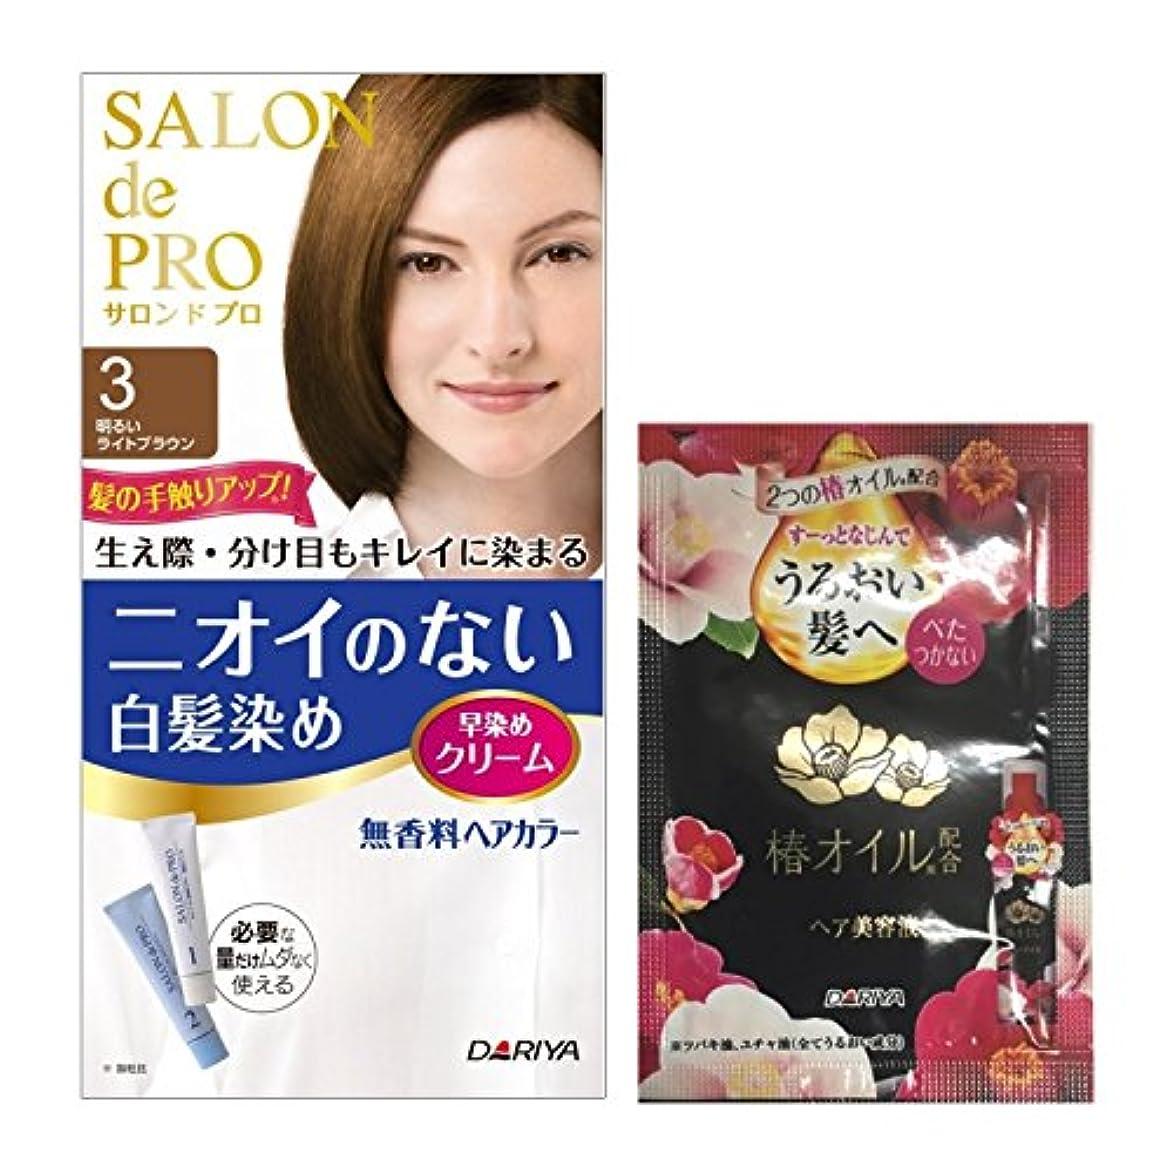 書誌規模の【サンプル付き】サロンドプロ無香料ヘアカラー早染めクリーム3 椿オイル美容液景品付